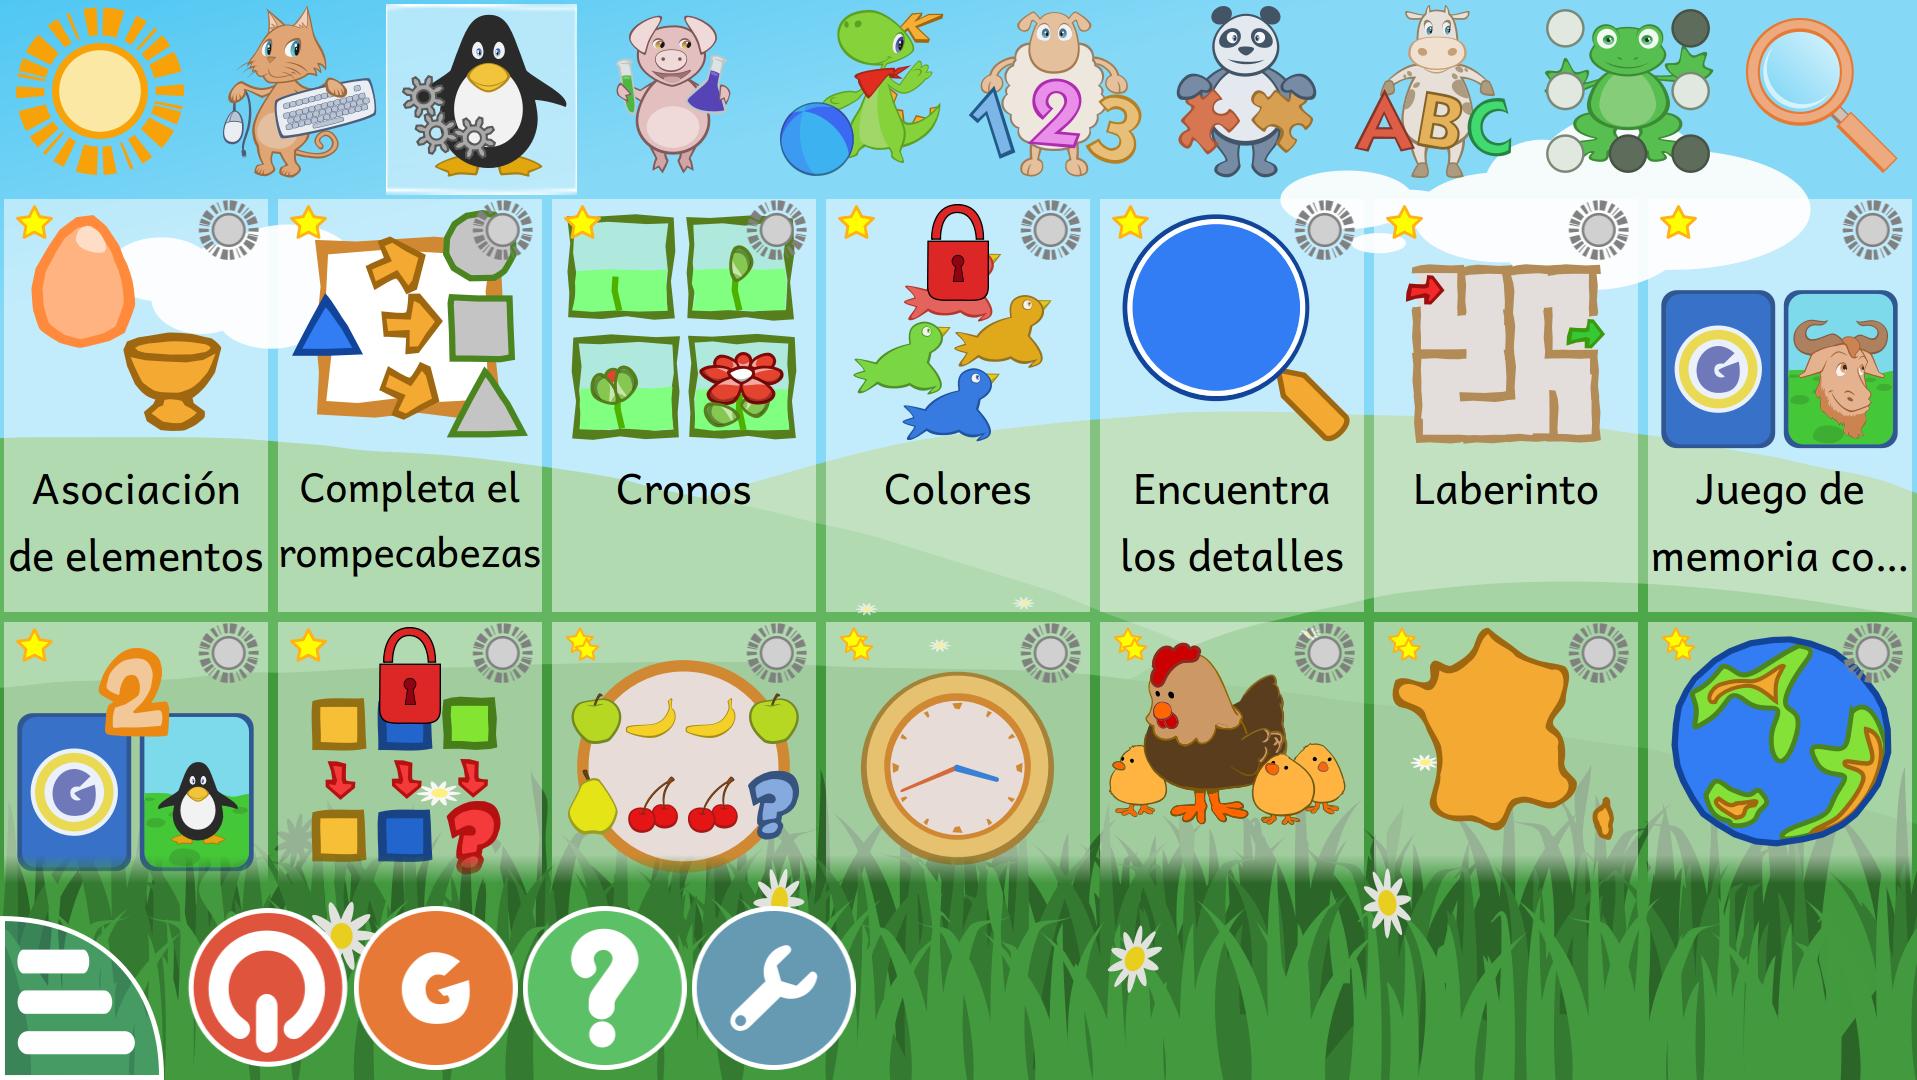 Coleccion De Juegos Educativos Gratis Para Ninos Entre 2 Y 10 Anos